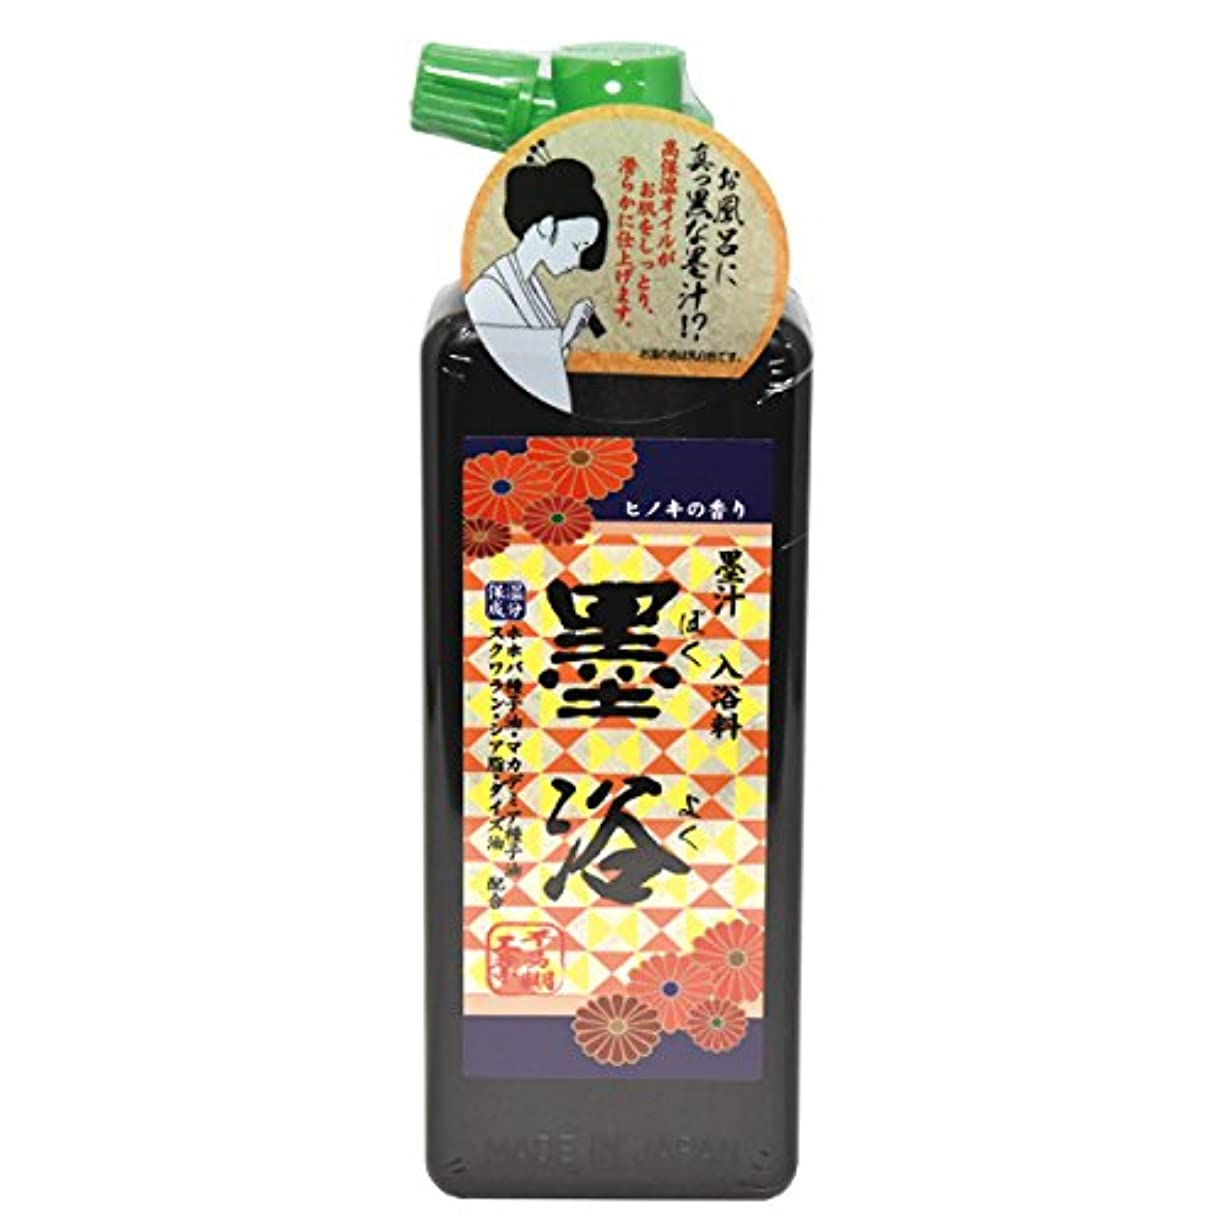 モンスターシルクようこそ墨浴 ぼくよく 入浴料 ヒノキの香り 不易糊工業 BY20